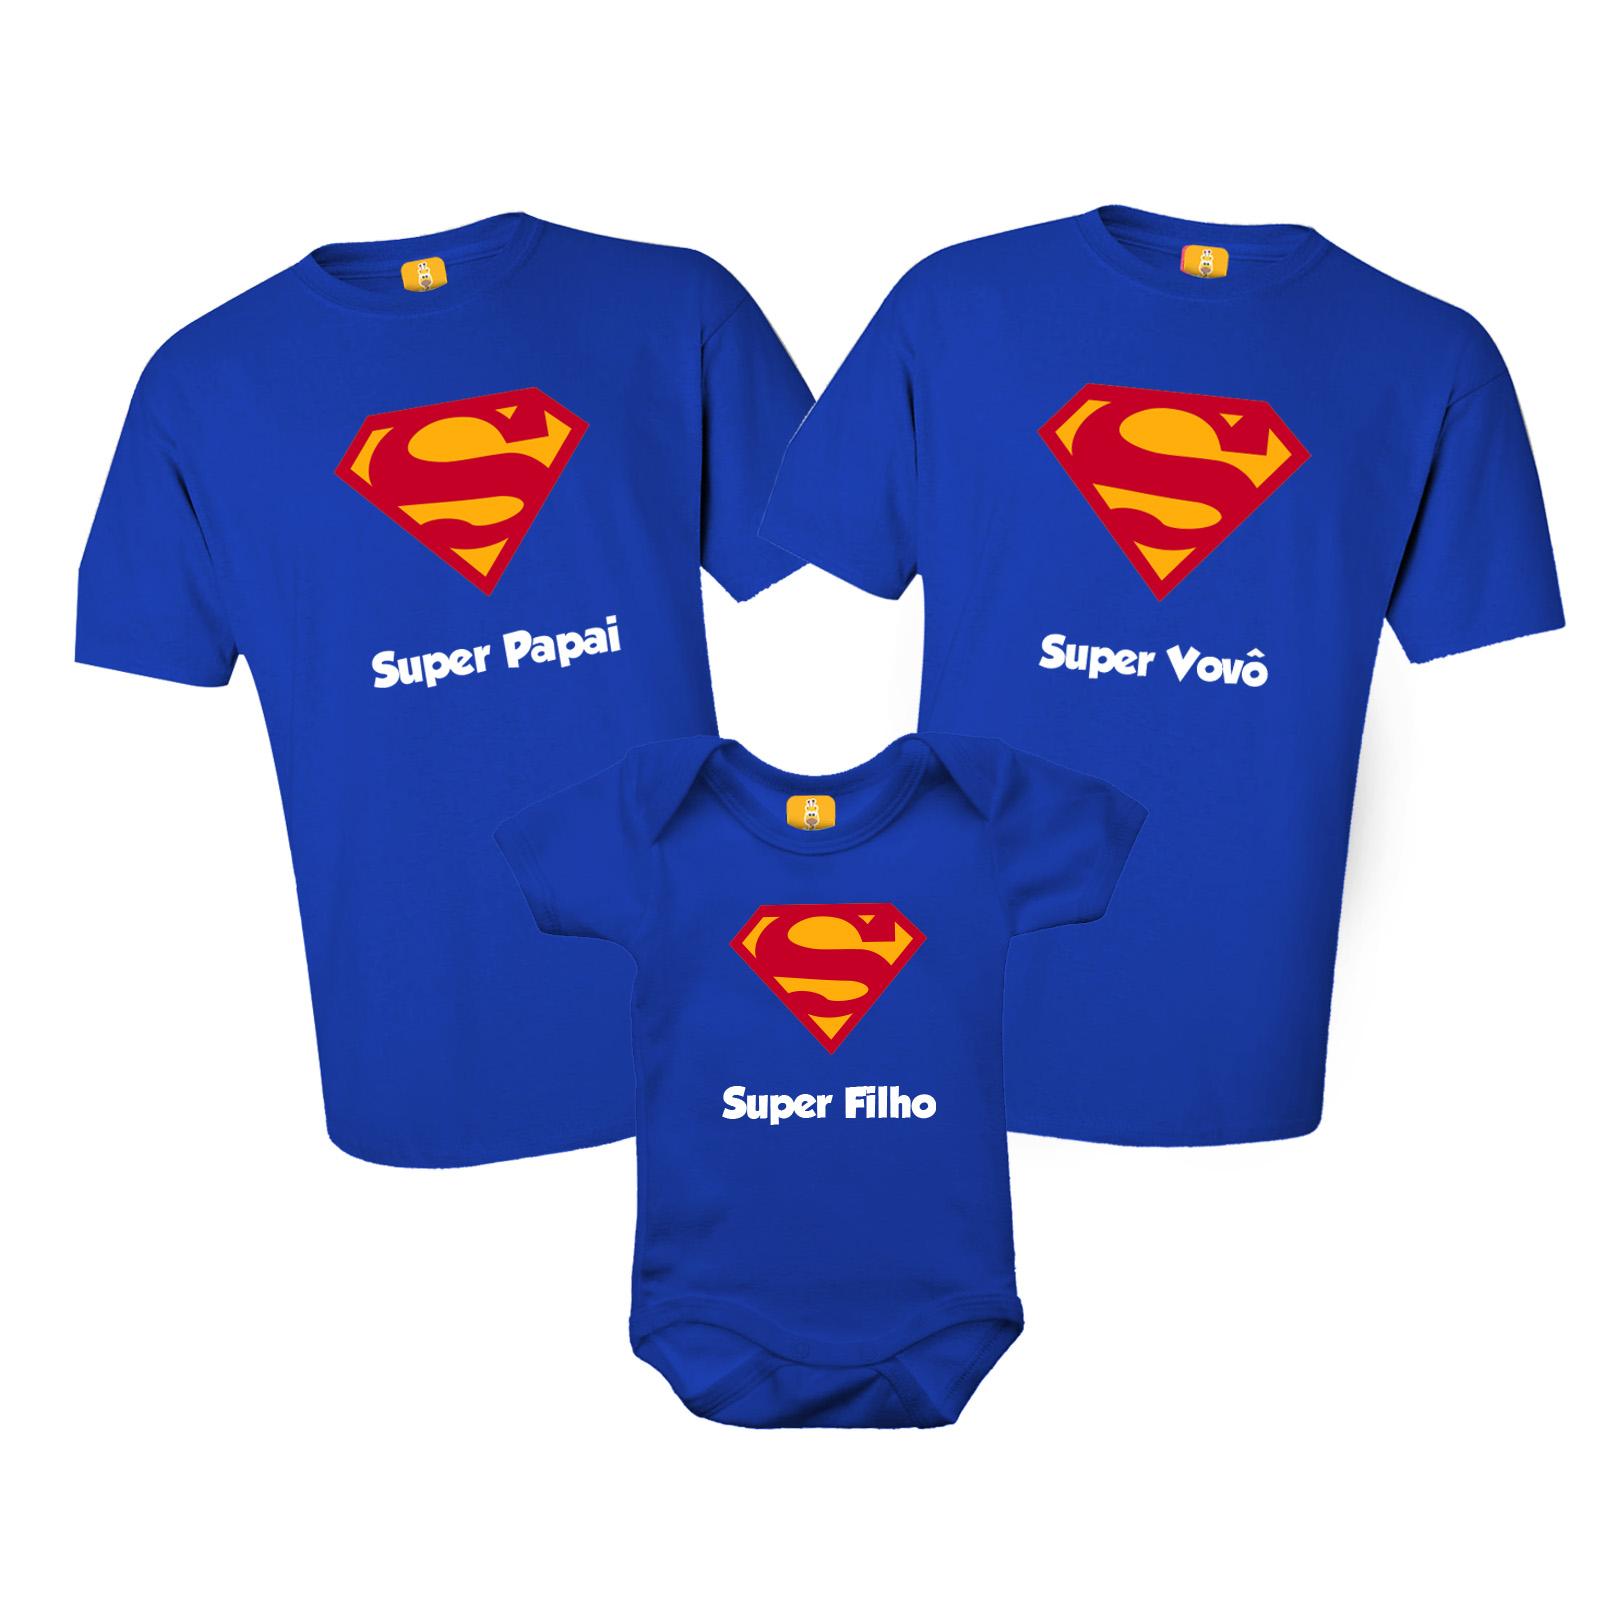 Kit de Camisetas do Superman - Super Papai Super Vovô e Super Filho